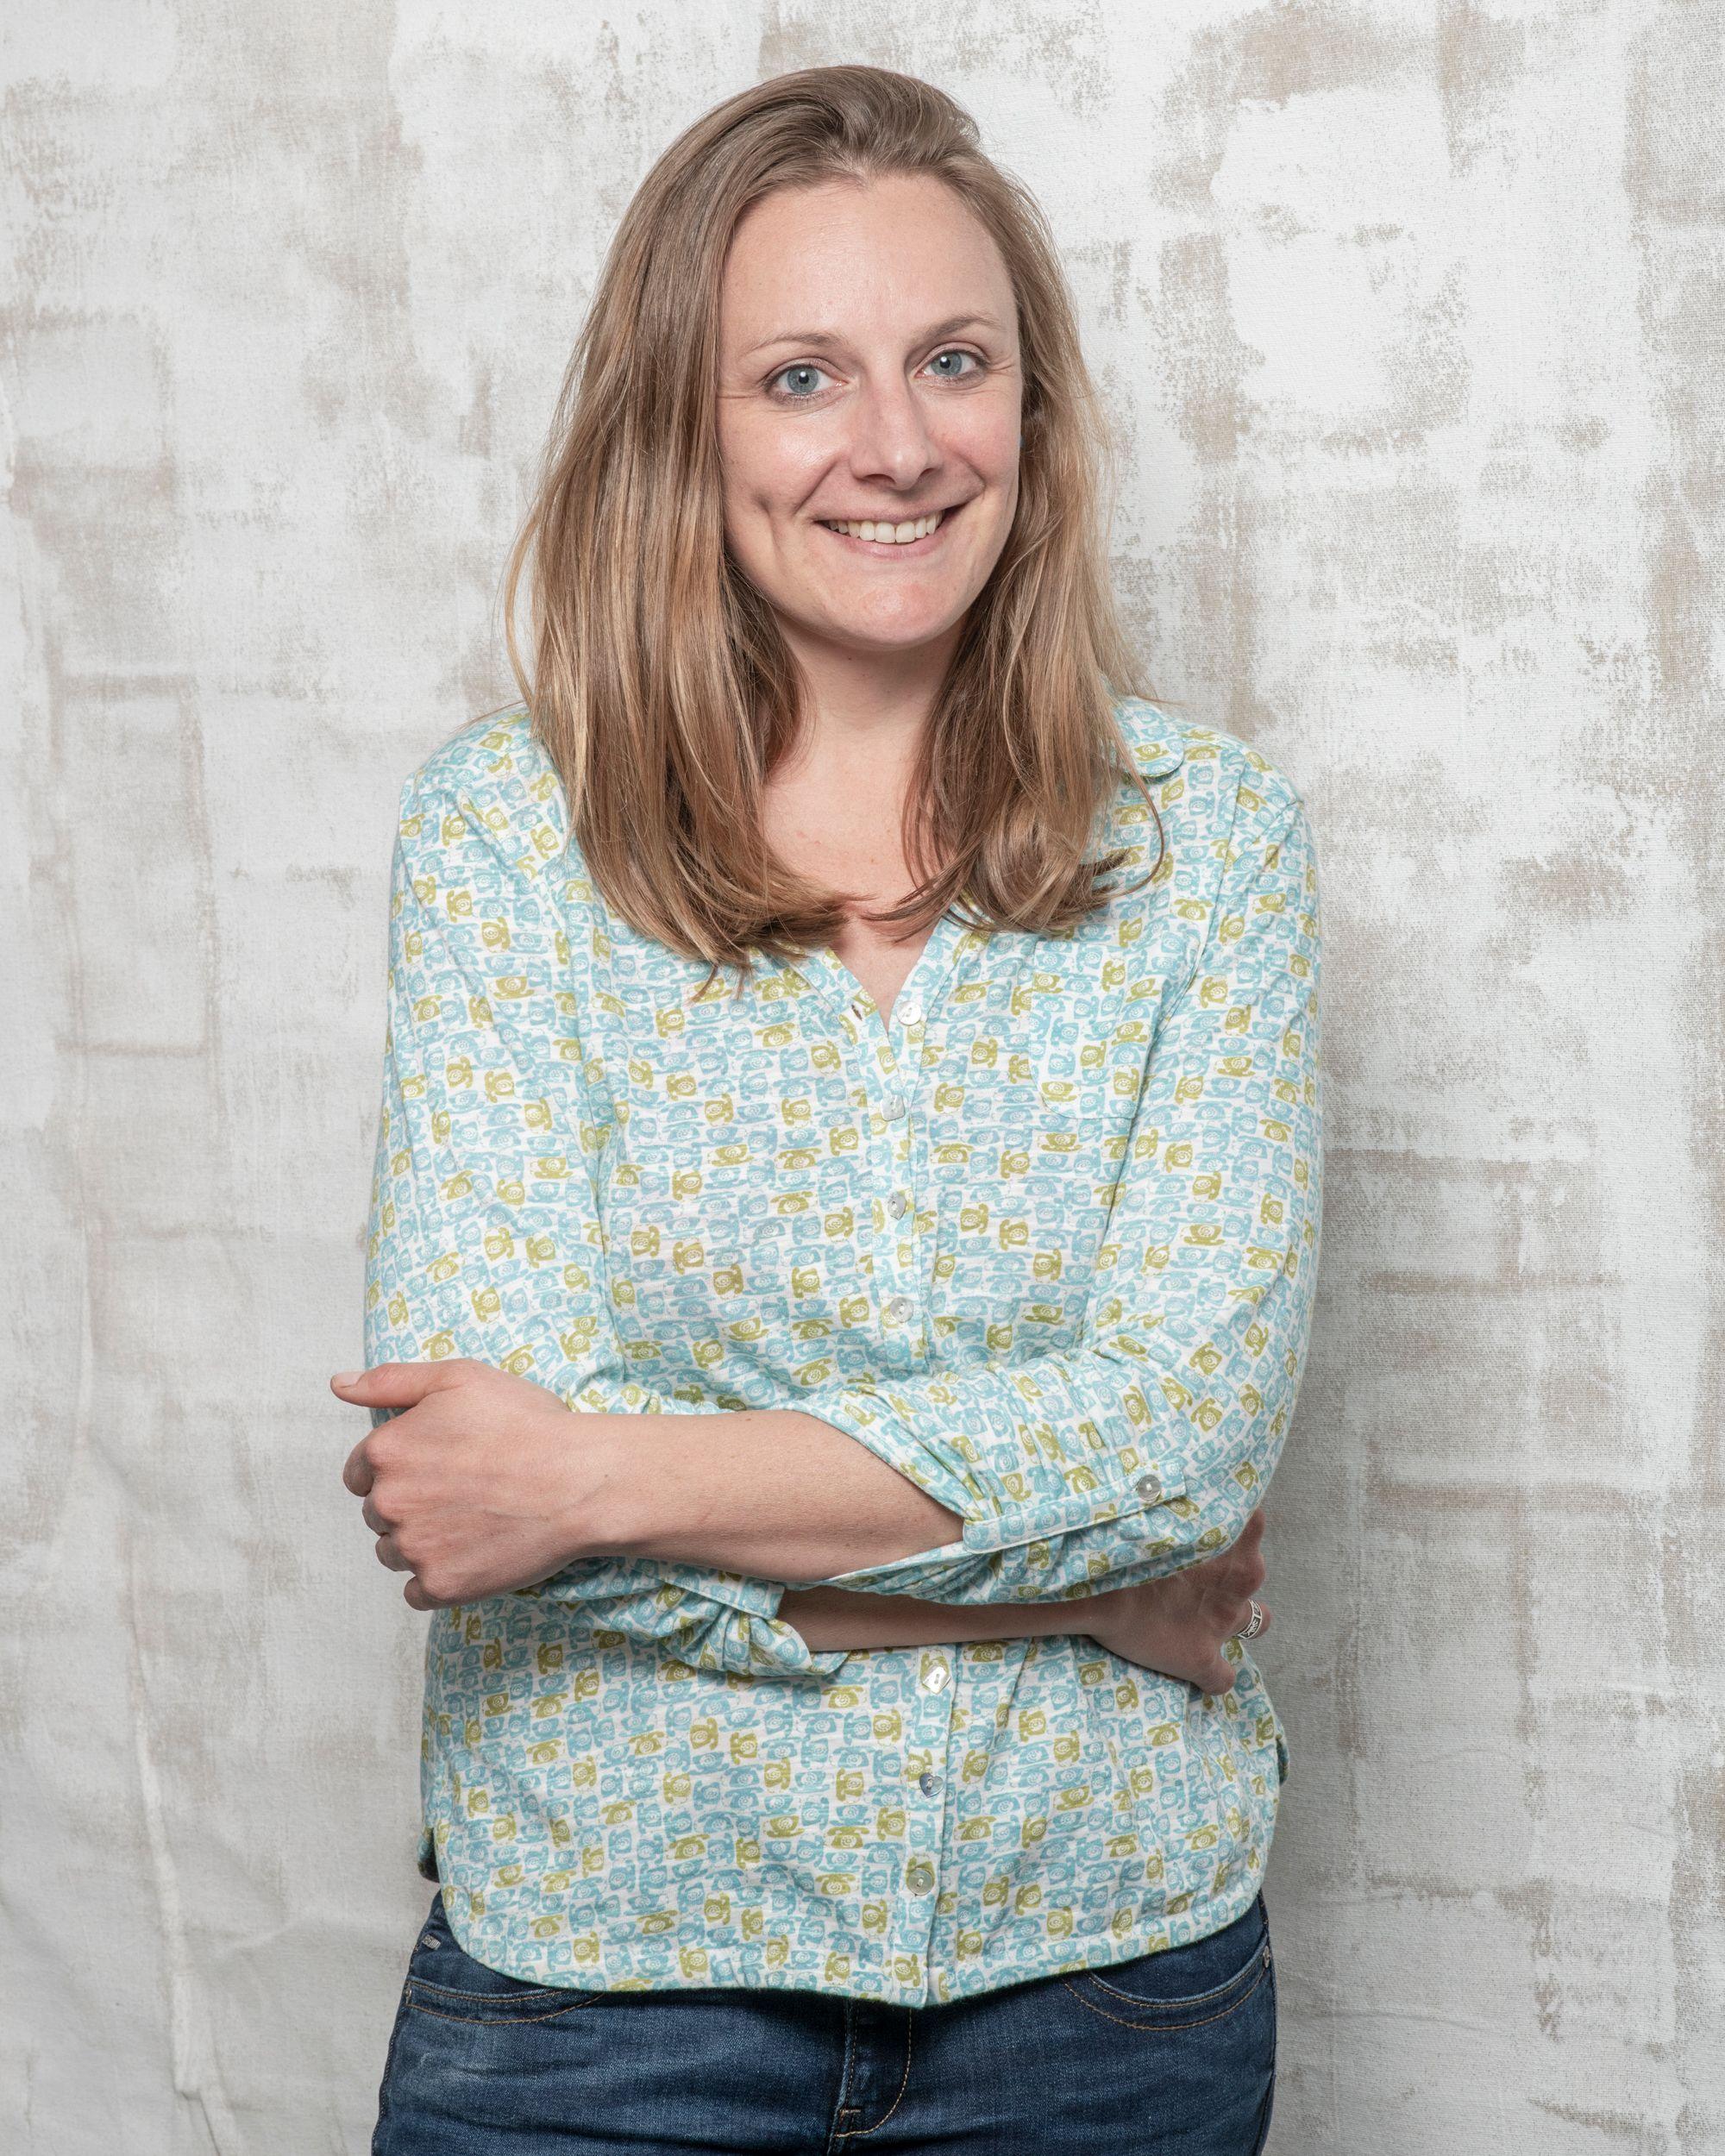 Kate Bradbury